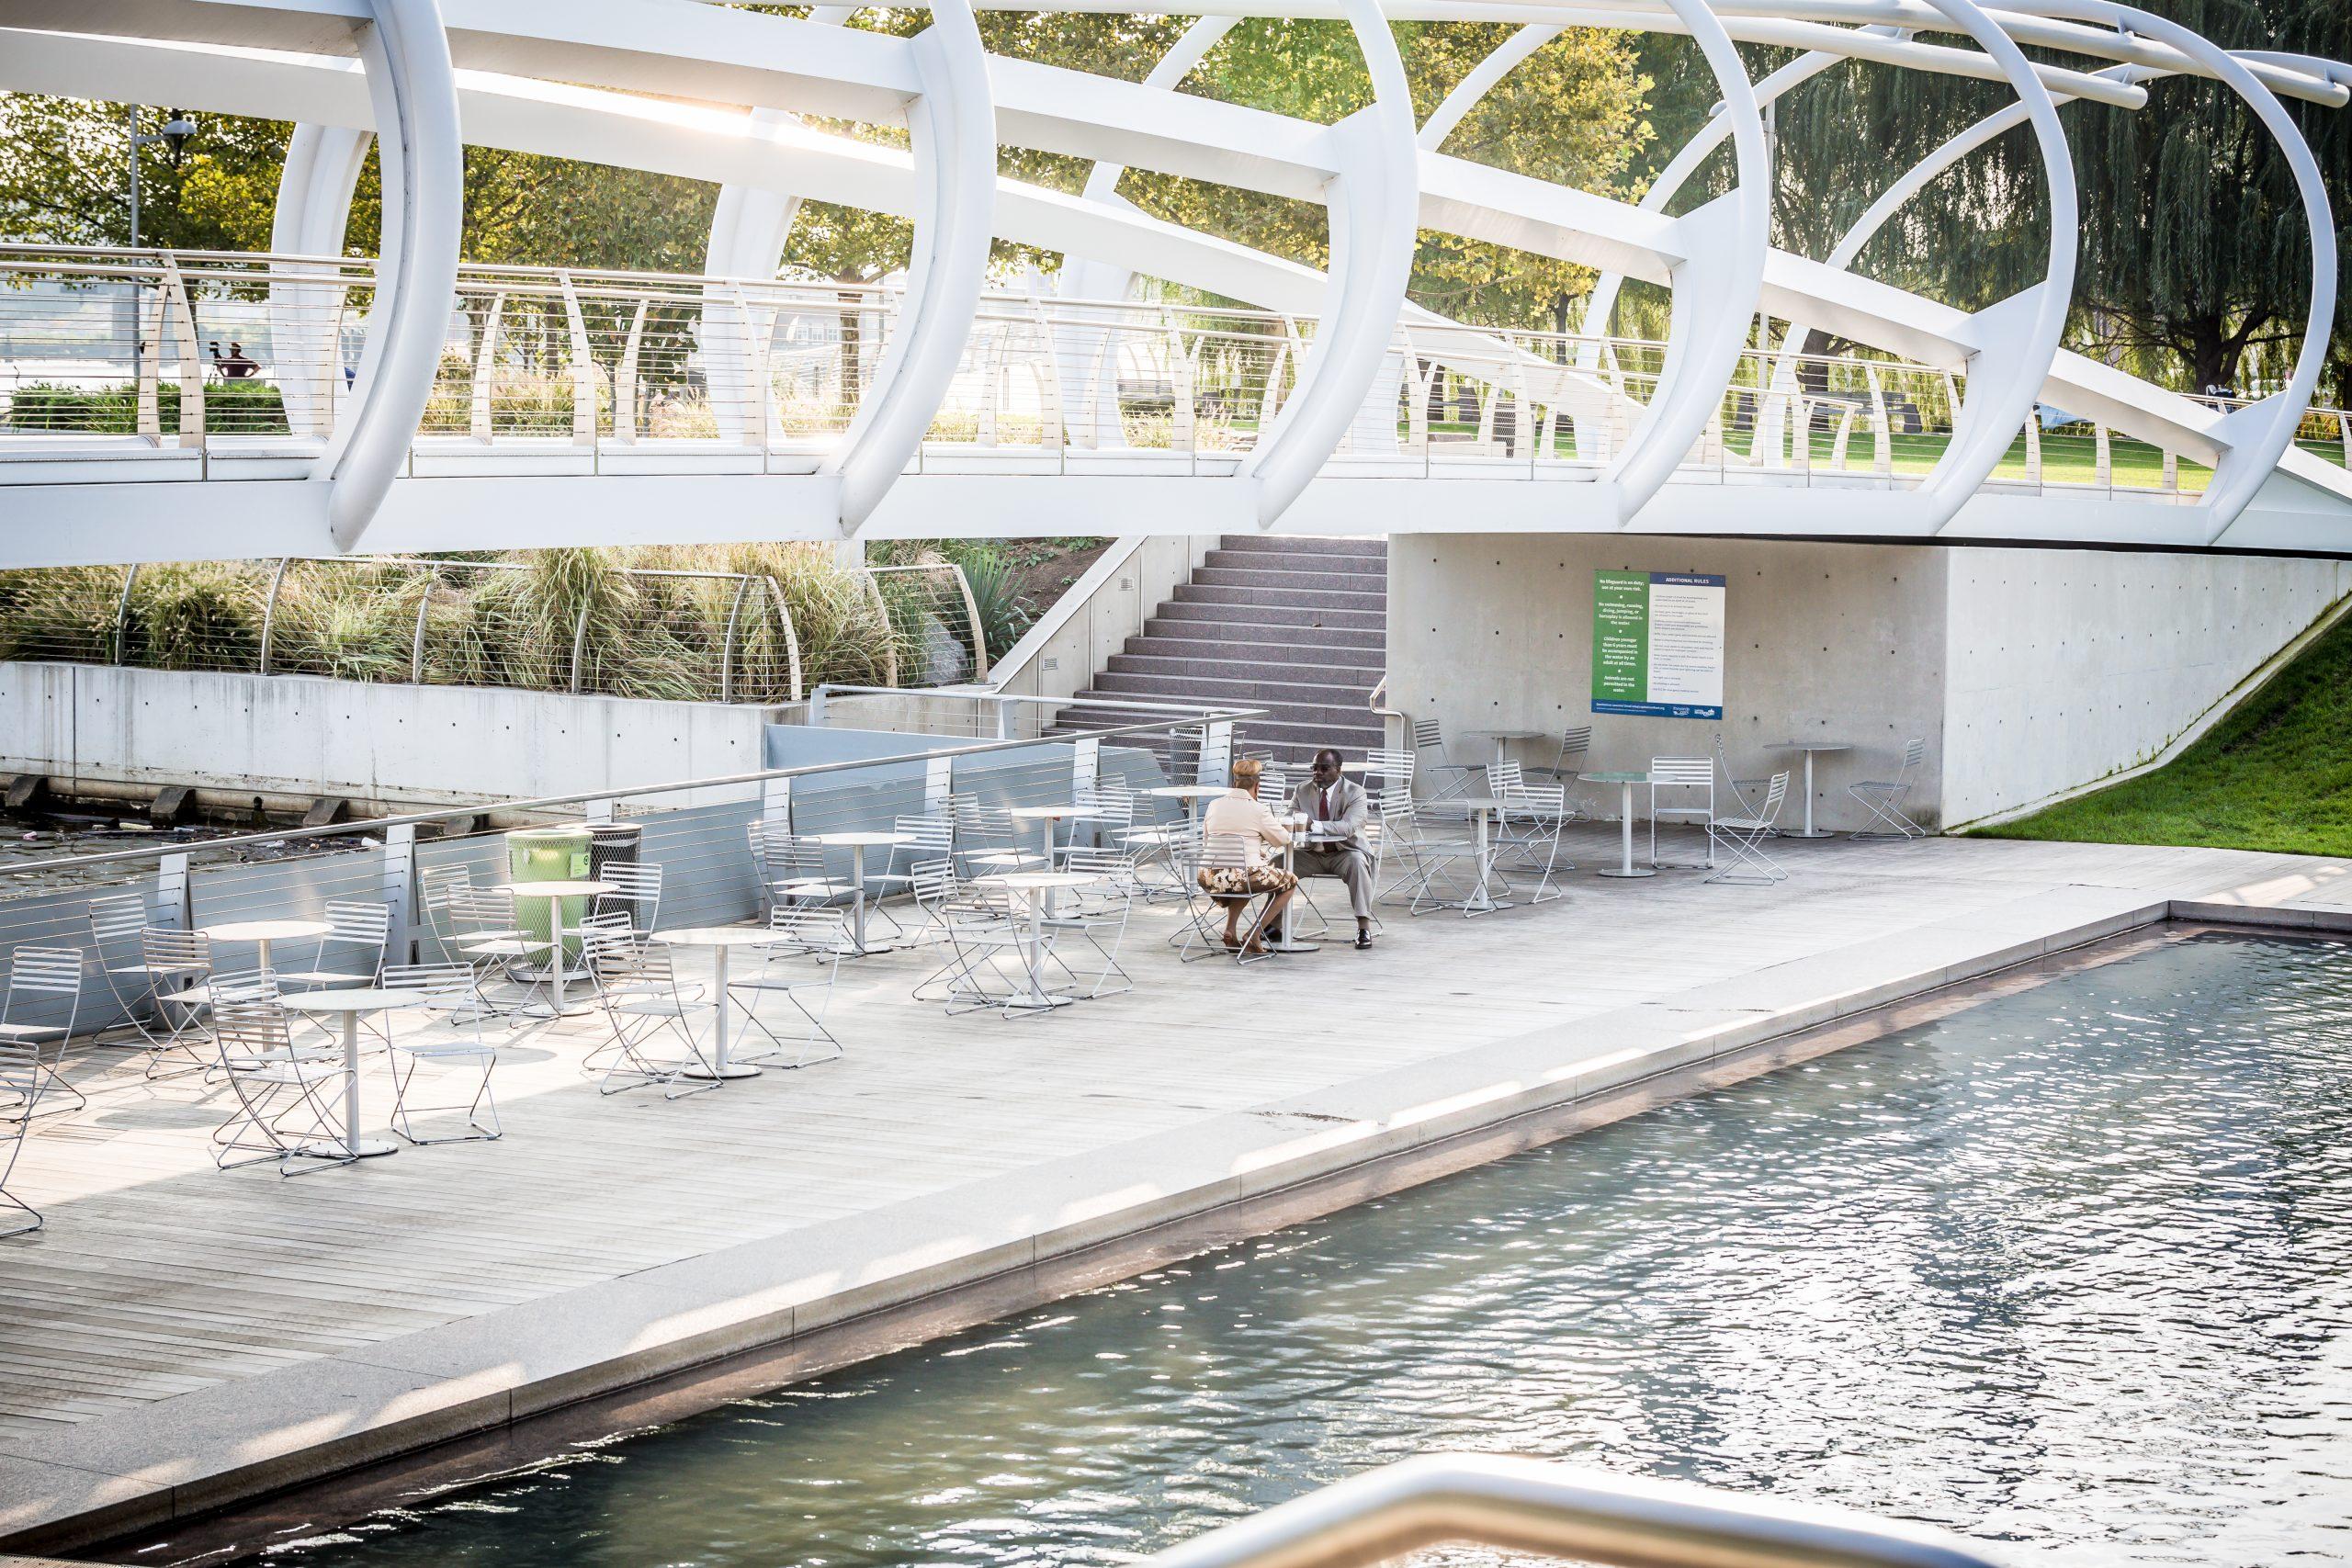 Yards-Park-Capitol-Riverfront_Anacostia-River_Courtesy-Washington.org_-1-scaled